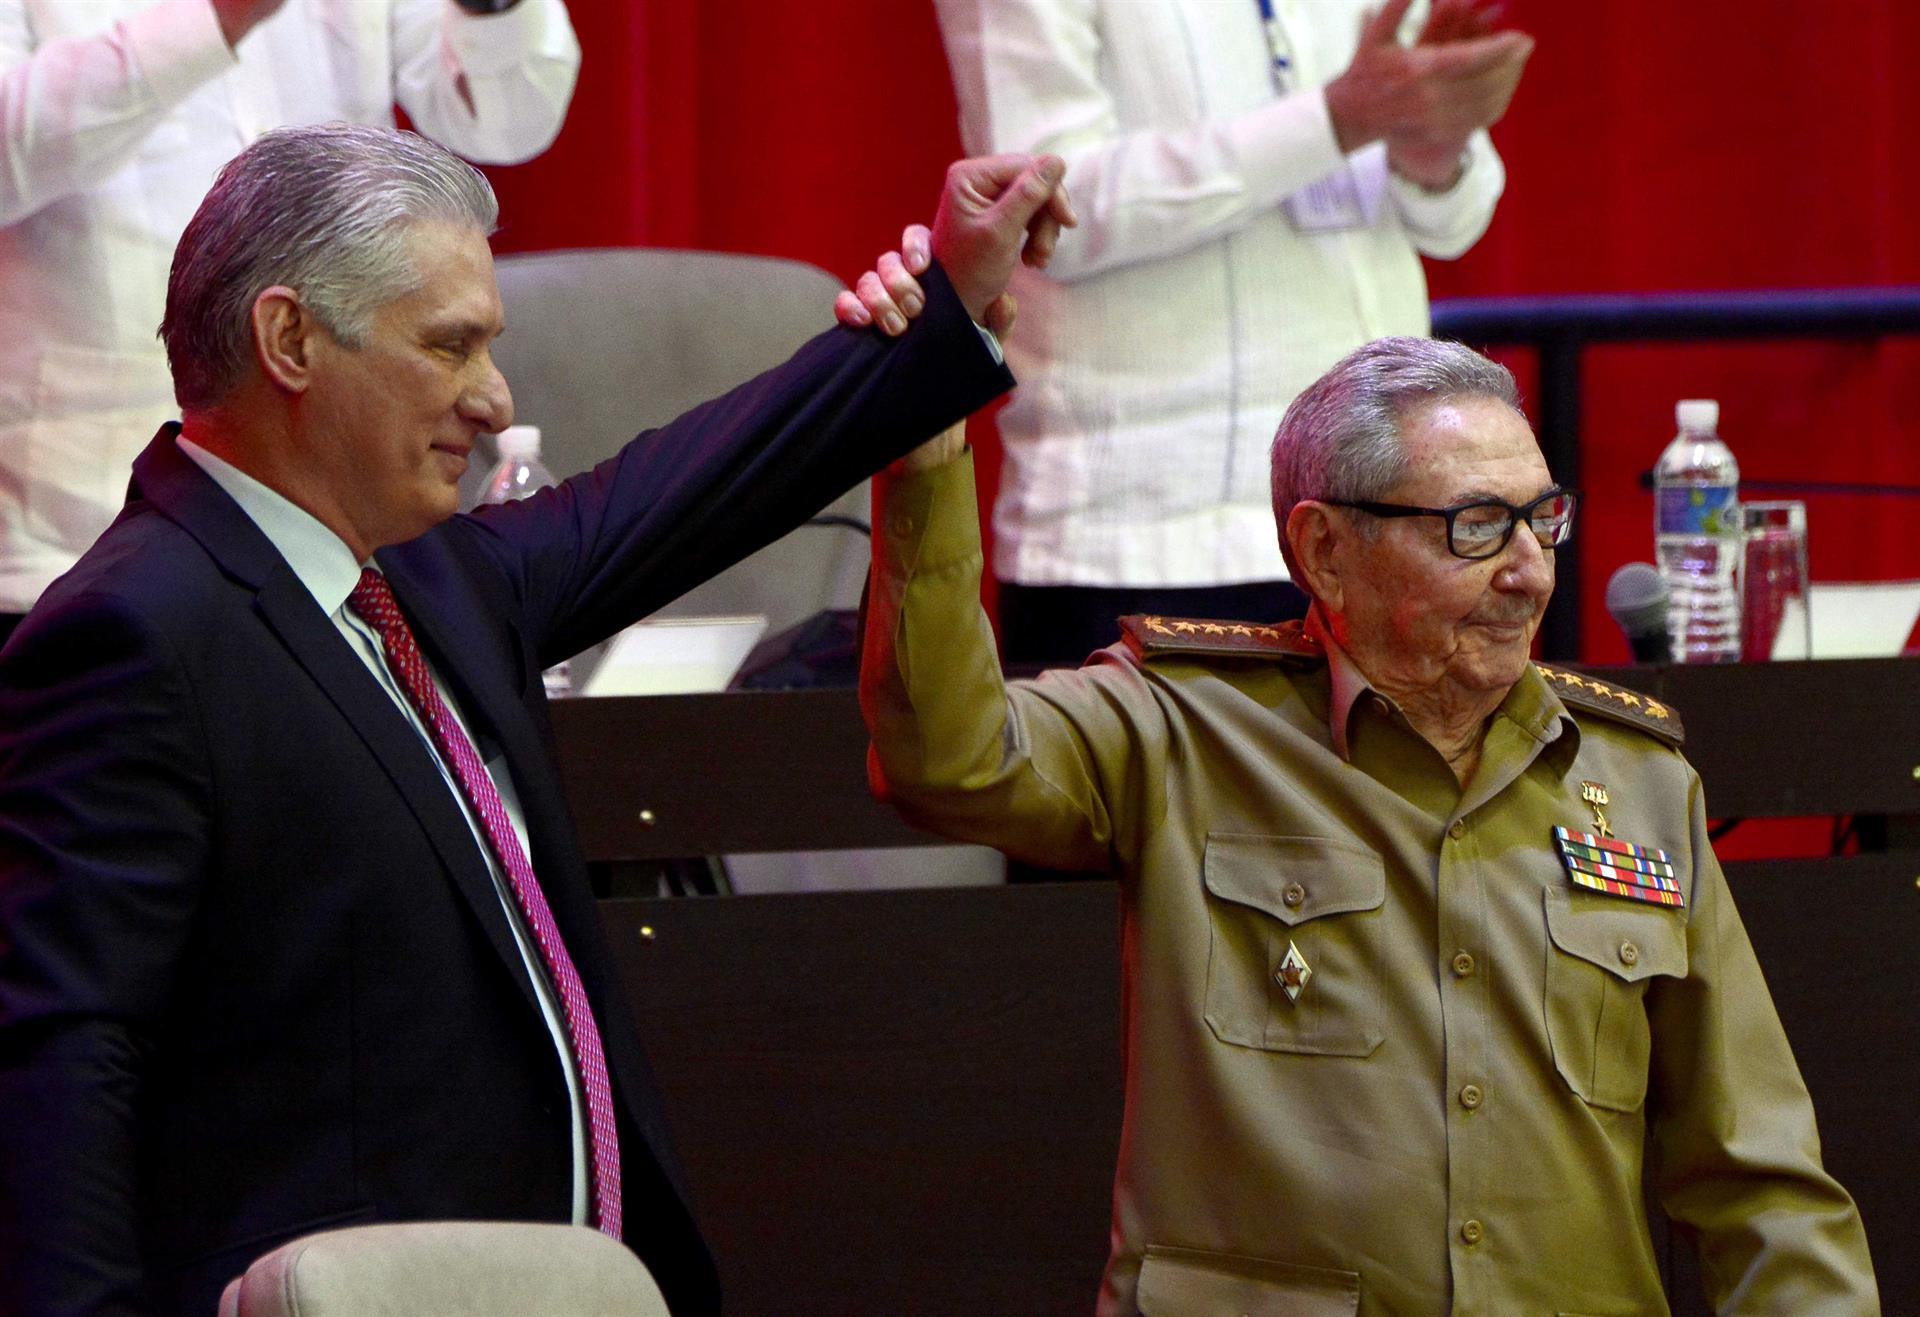 Fotografía que muestra a Miguel Díaz-Canel Bermúdez (i), Presidente de la República, junto al General de Ejército Raúl Castro Ruz (d), tras su elección como Primer Secretario del Comité Central del Partido Comunista de Cuba (CC PCC), durante la Sesión de Clausura del VIII Congreso del PCC, en el Palacio de Convenciones, en La Habana (Cuba).- EFE